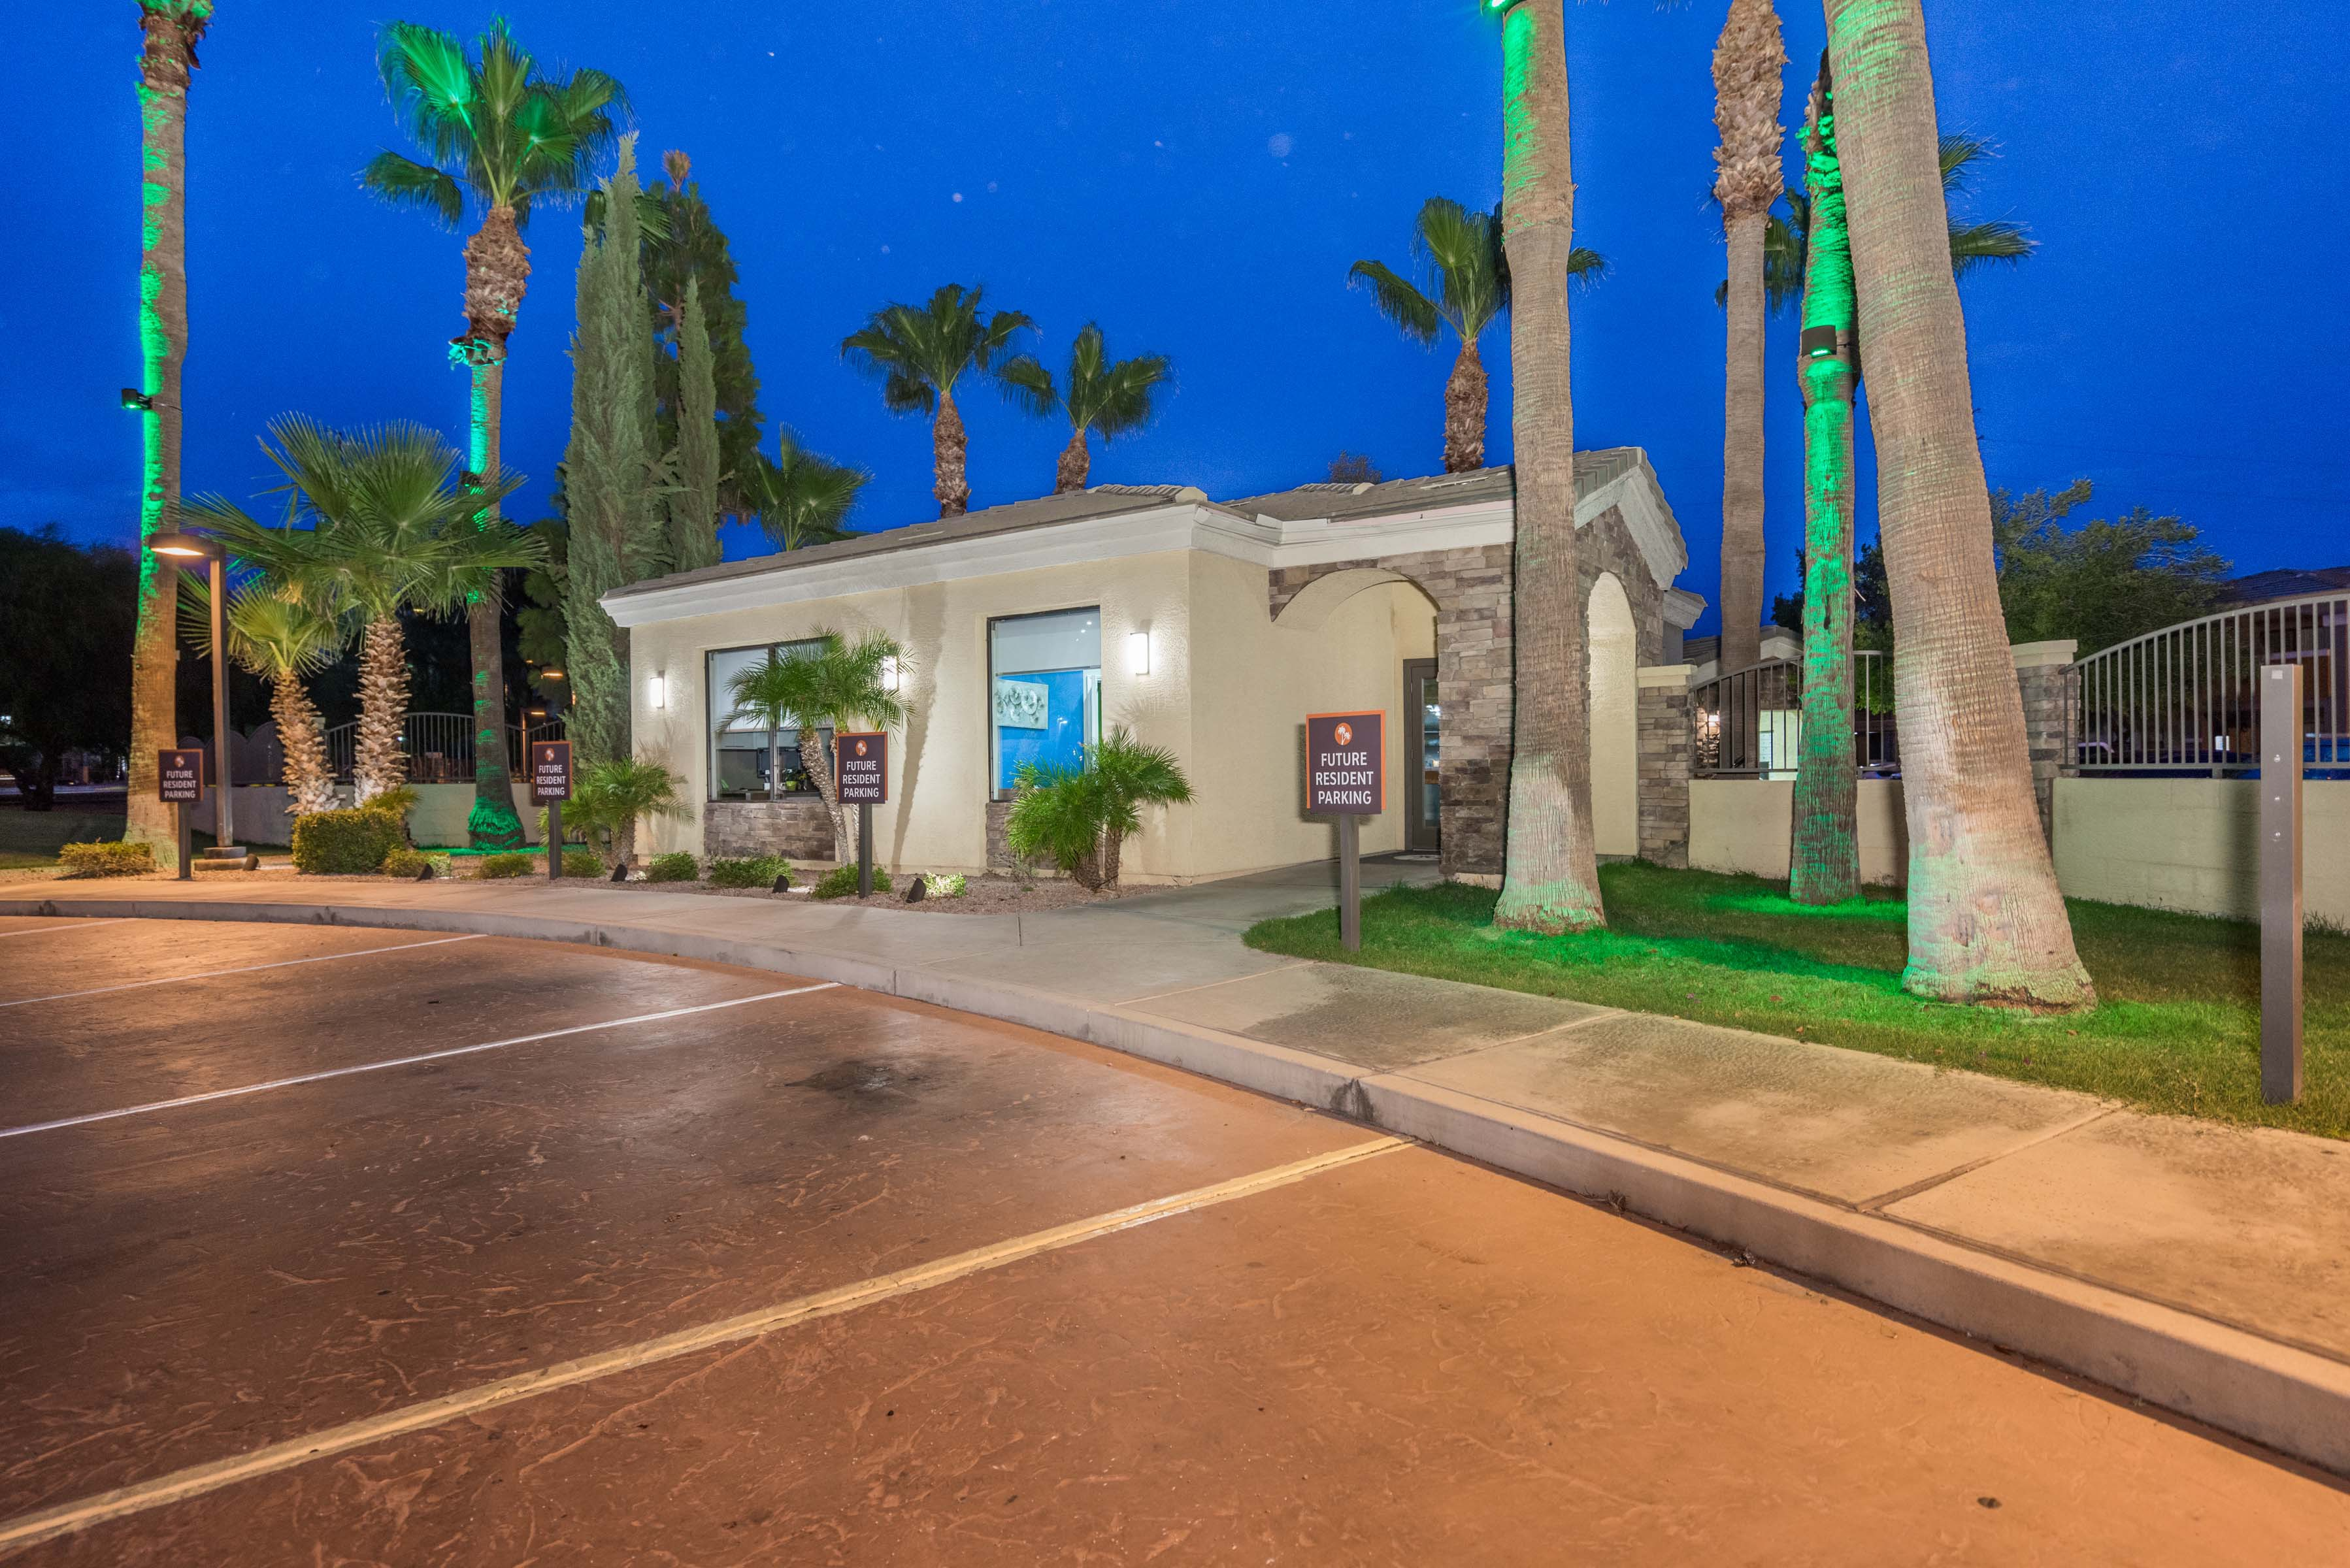 Palm Trails Apartments